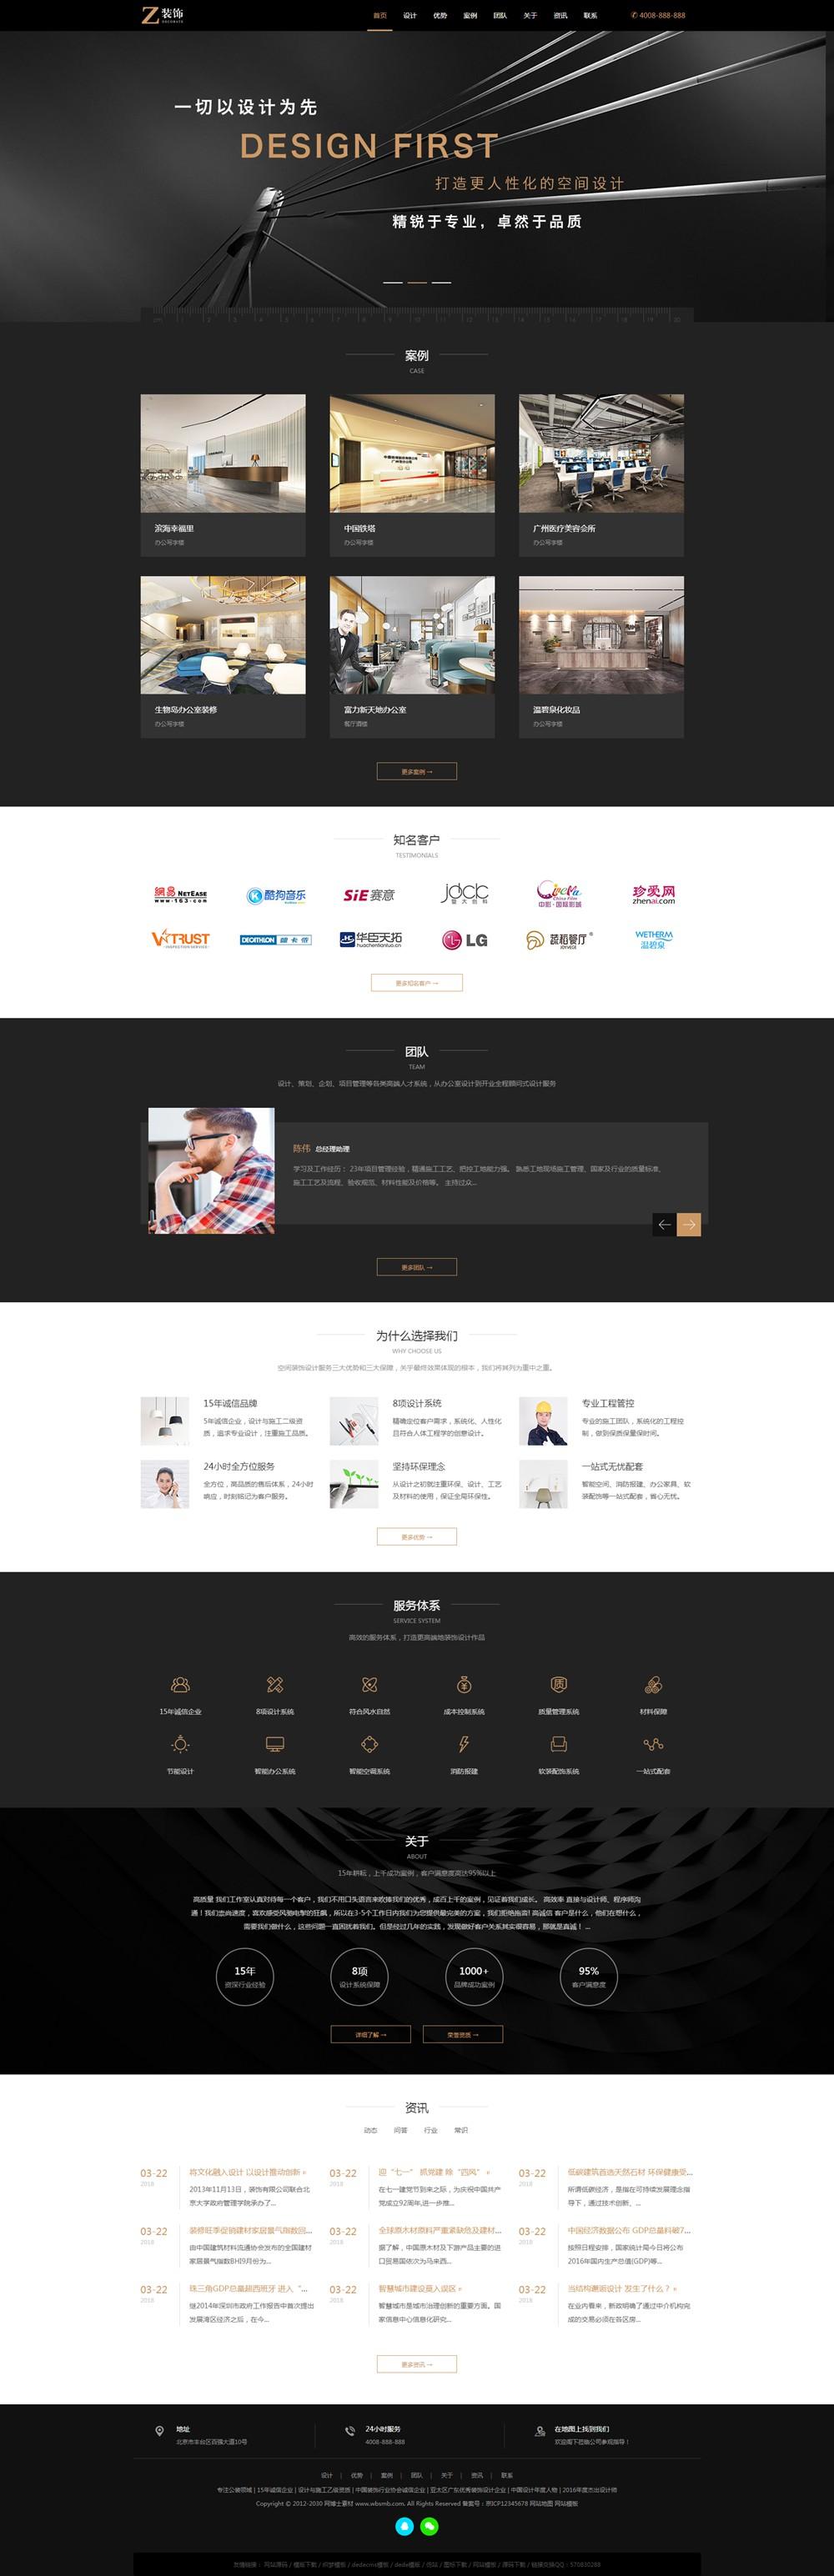 (自适应手机版)响应式黑色炫酷建筑装饰设计类织梦模板 HTML5装修设计公司网站源码